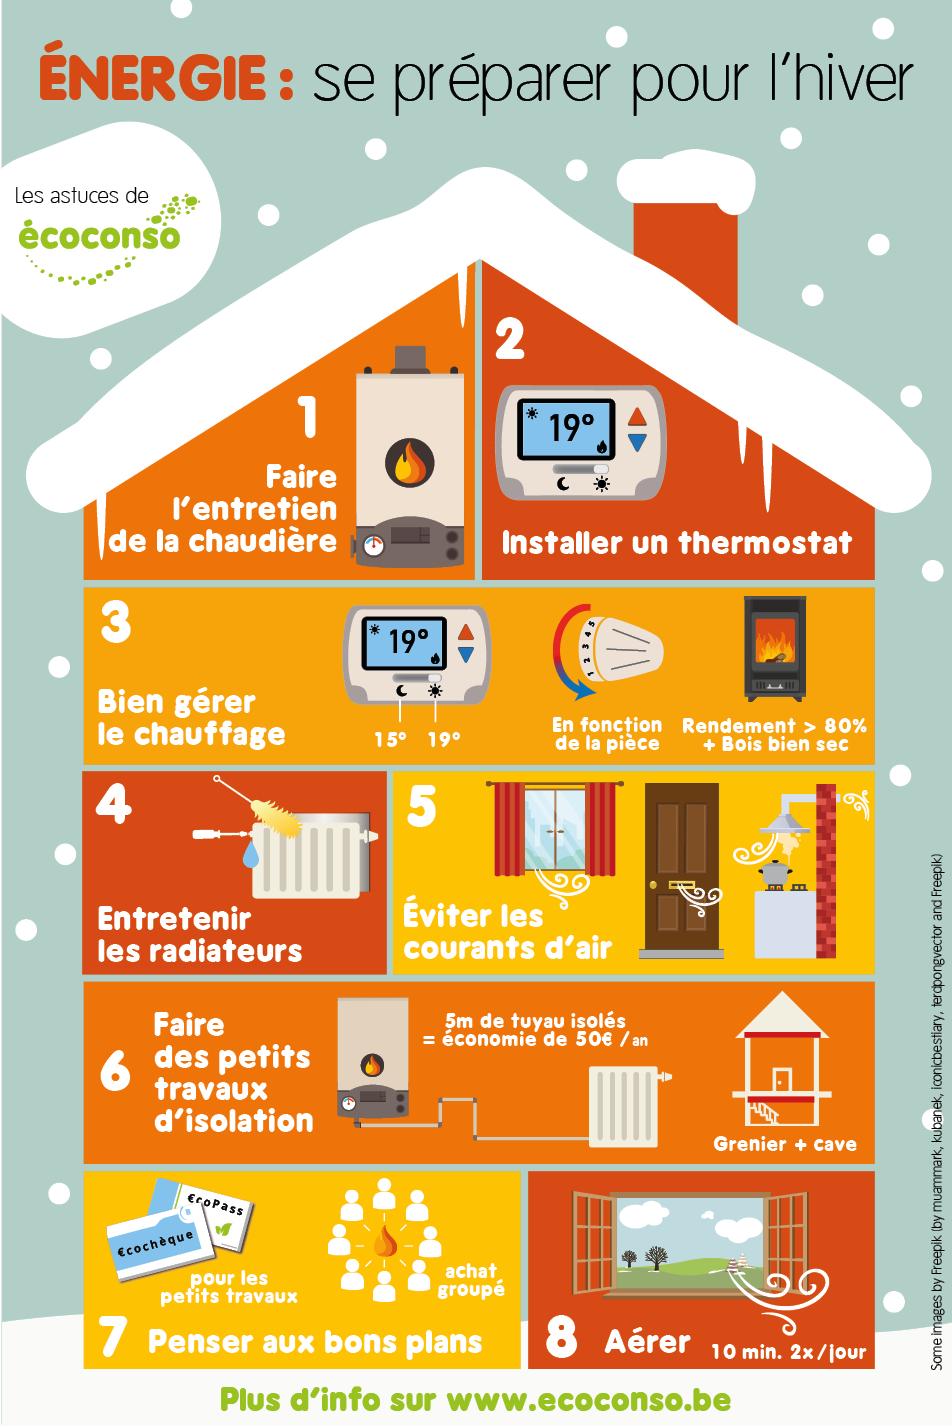 Quand Acheter Son Bois De Chauffage 8 conseils pour économiser le chauffage cet hiver | écoconso